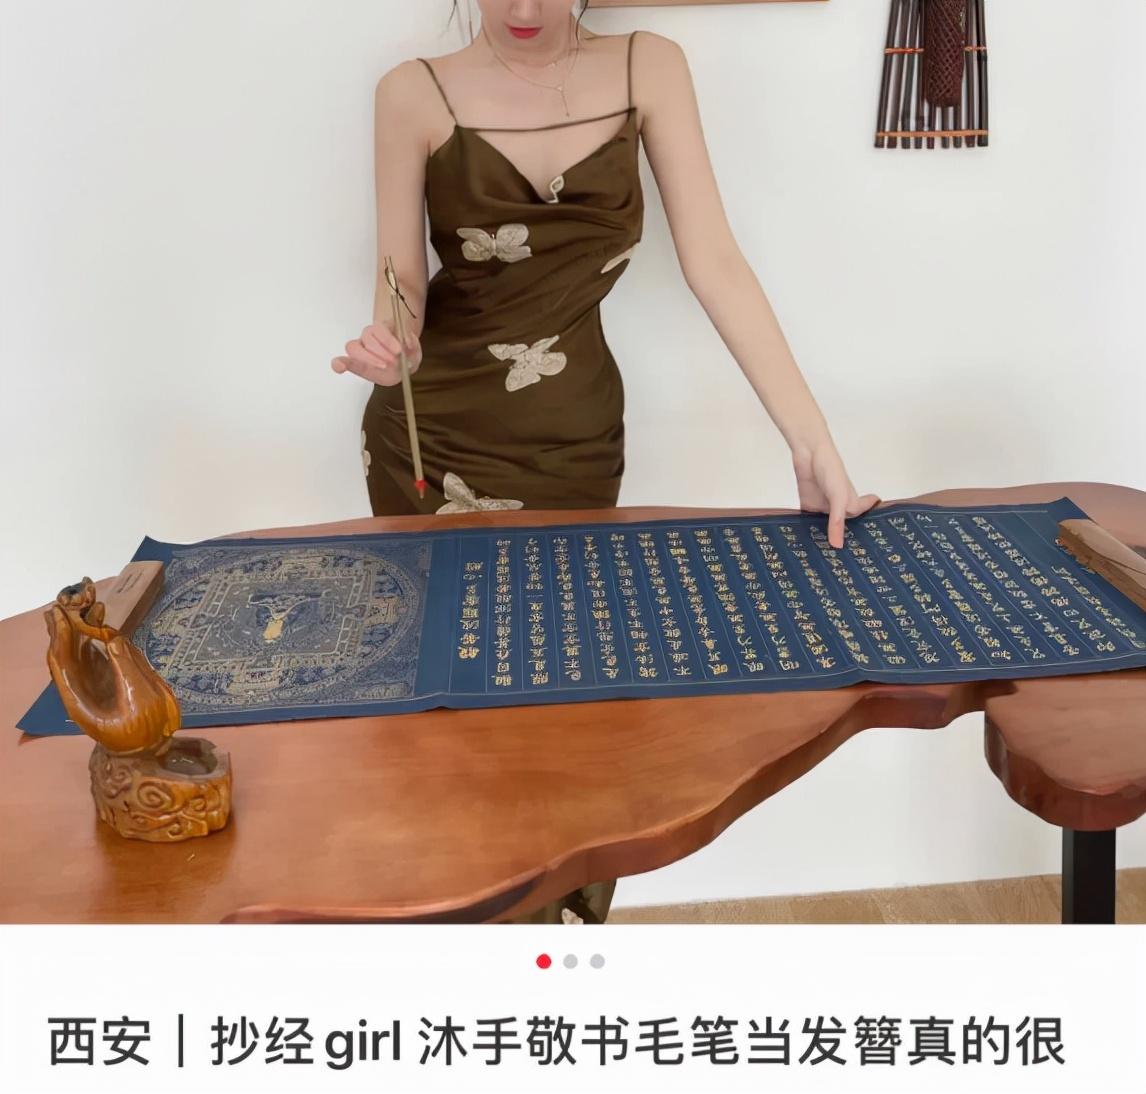 """""""佛媛""""的8个迷惑行为,一个比一个离谱,有人还穿着吊带裙抄经"""